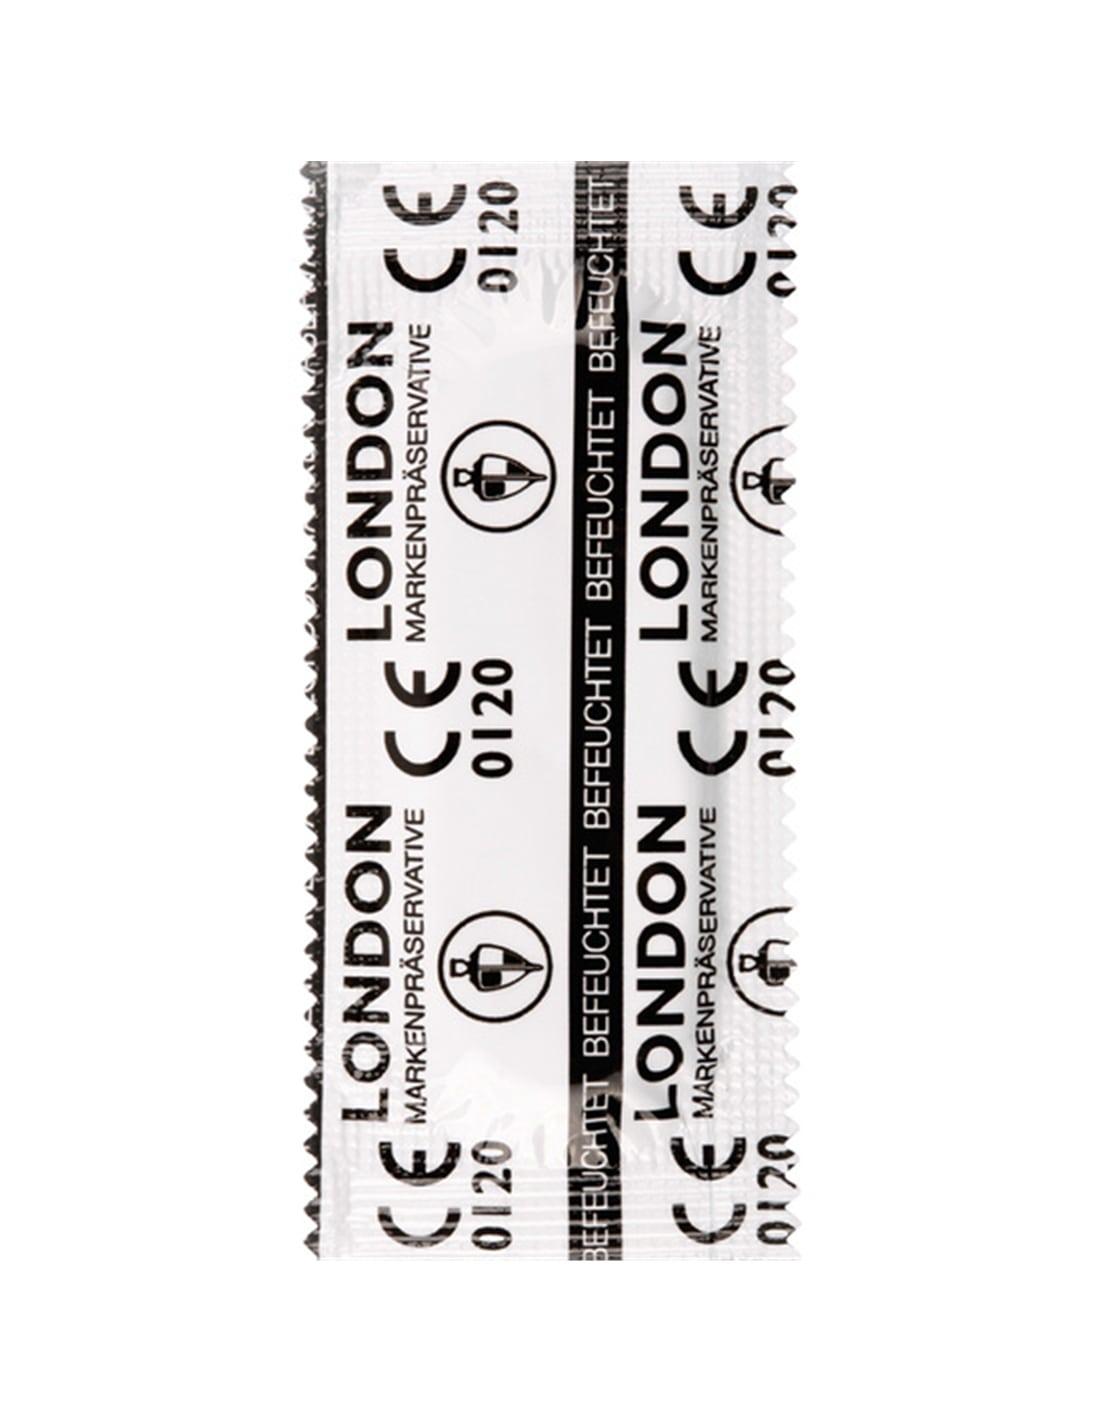 32338 - Preservativos London wet - 100 Unidades-DO29002597